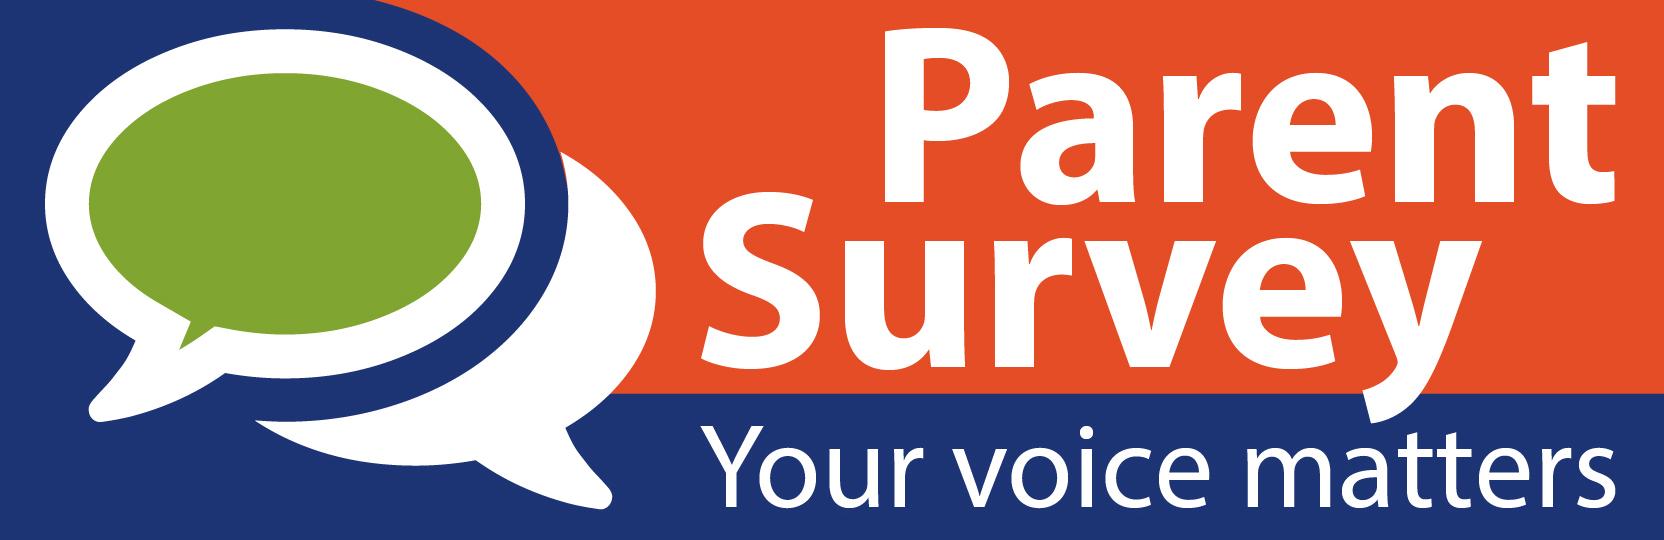 Parent Survey - Your Voice Matters